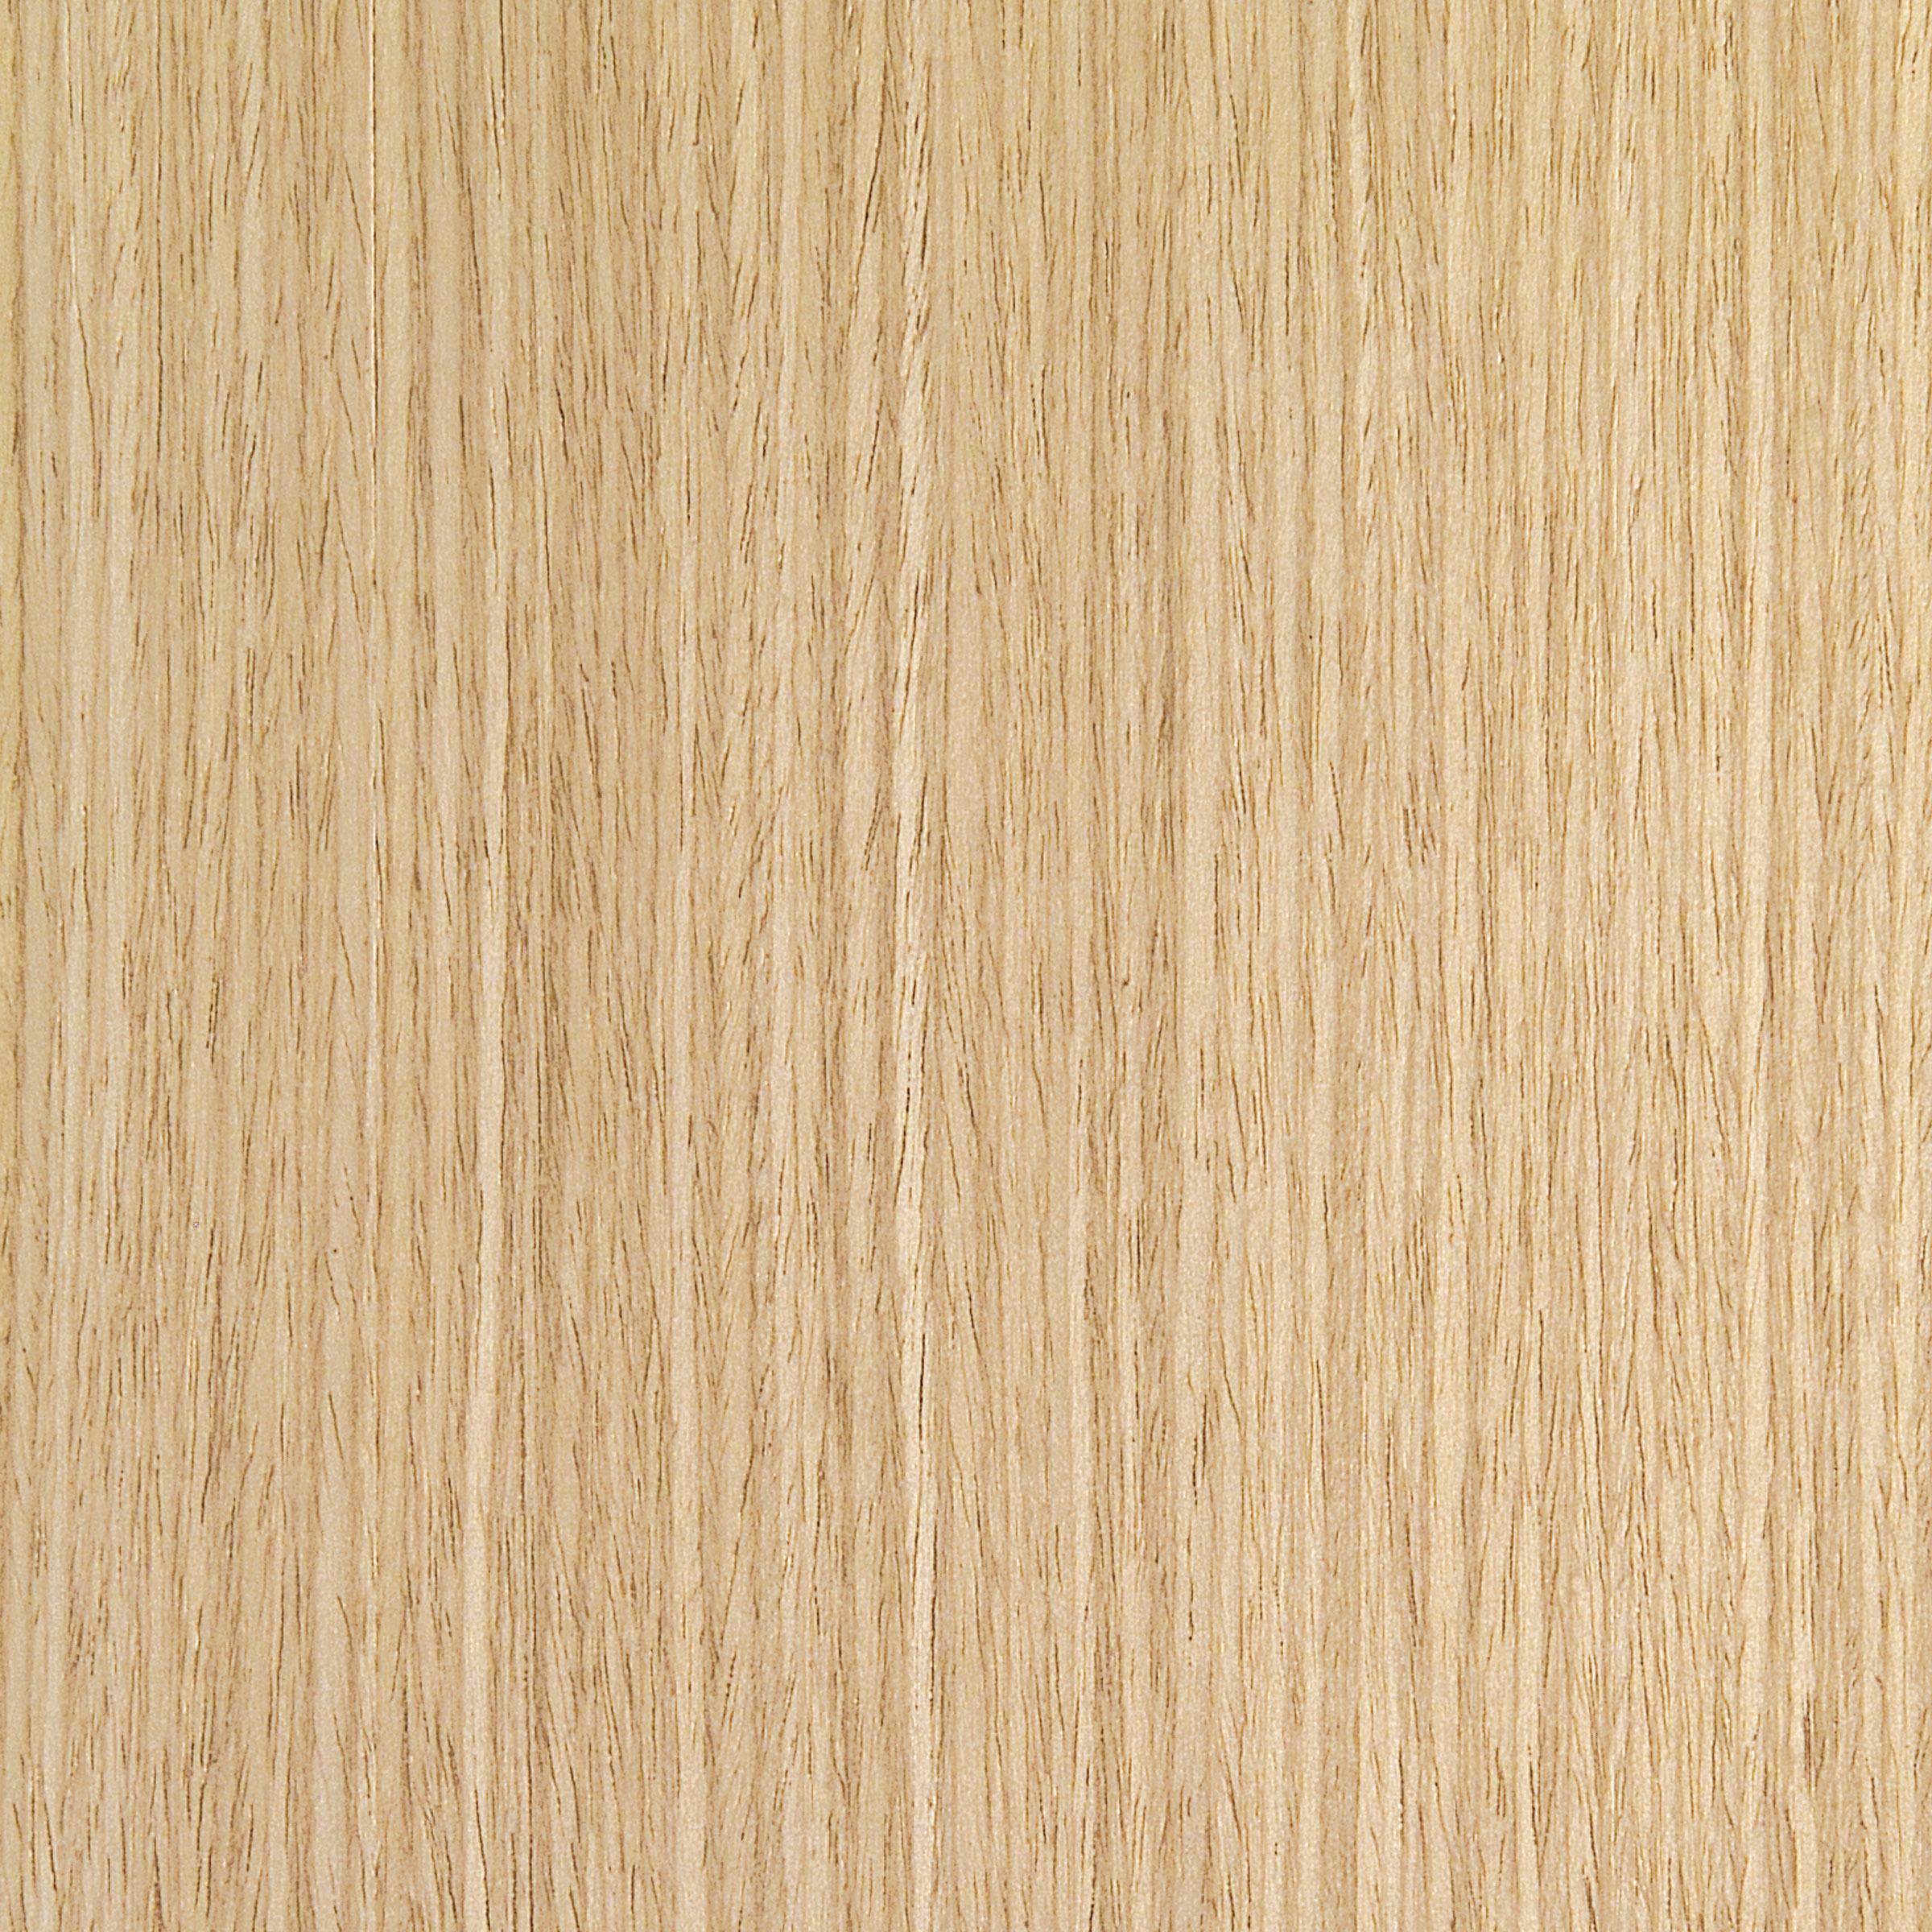 White Oak Straight Grain